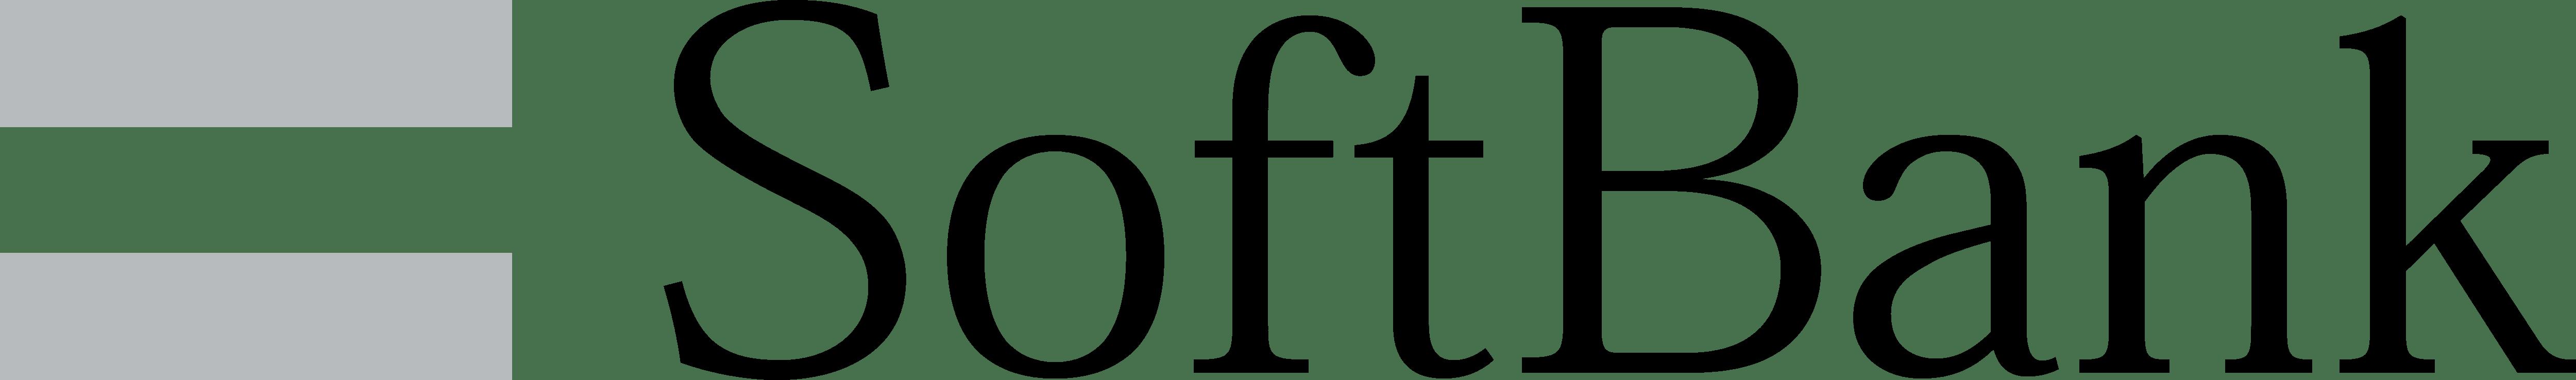 investidor softbank